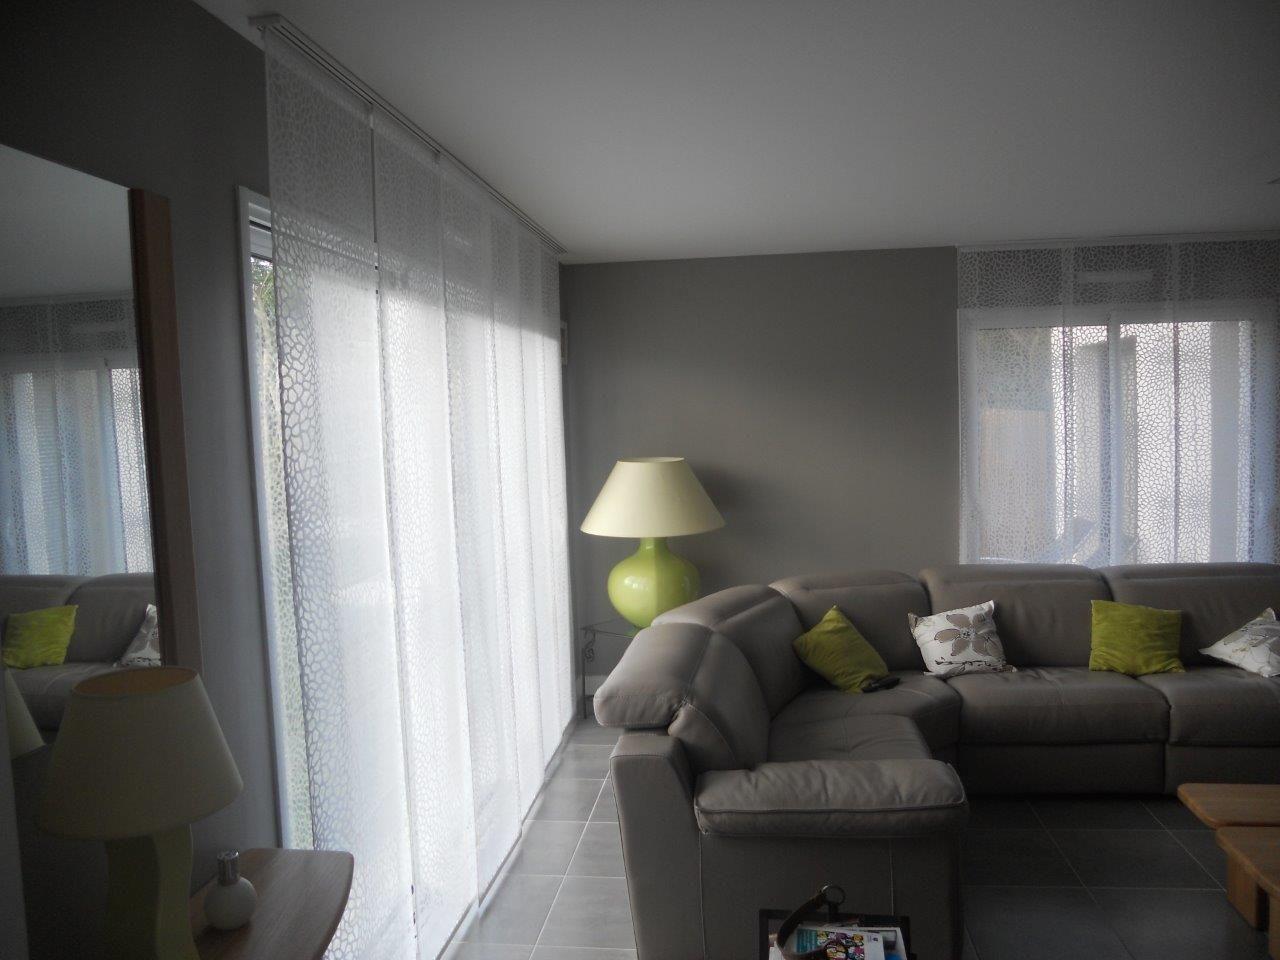 chez notre cliente nous avons quip les baies vitr es du salon et de la cuisine de panneaux. Black Bedroom Furniture Sets. Home Design Ideas